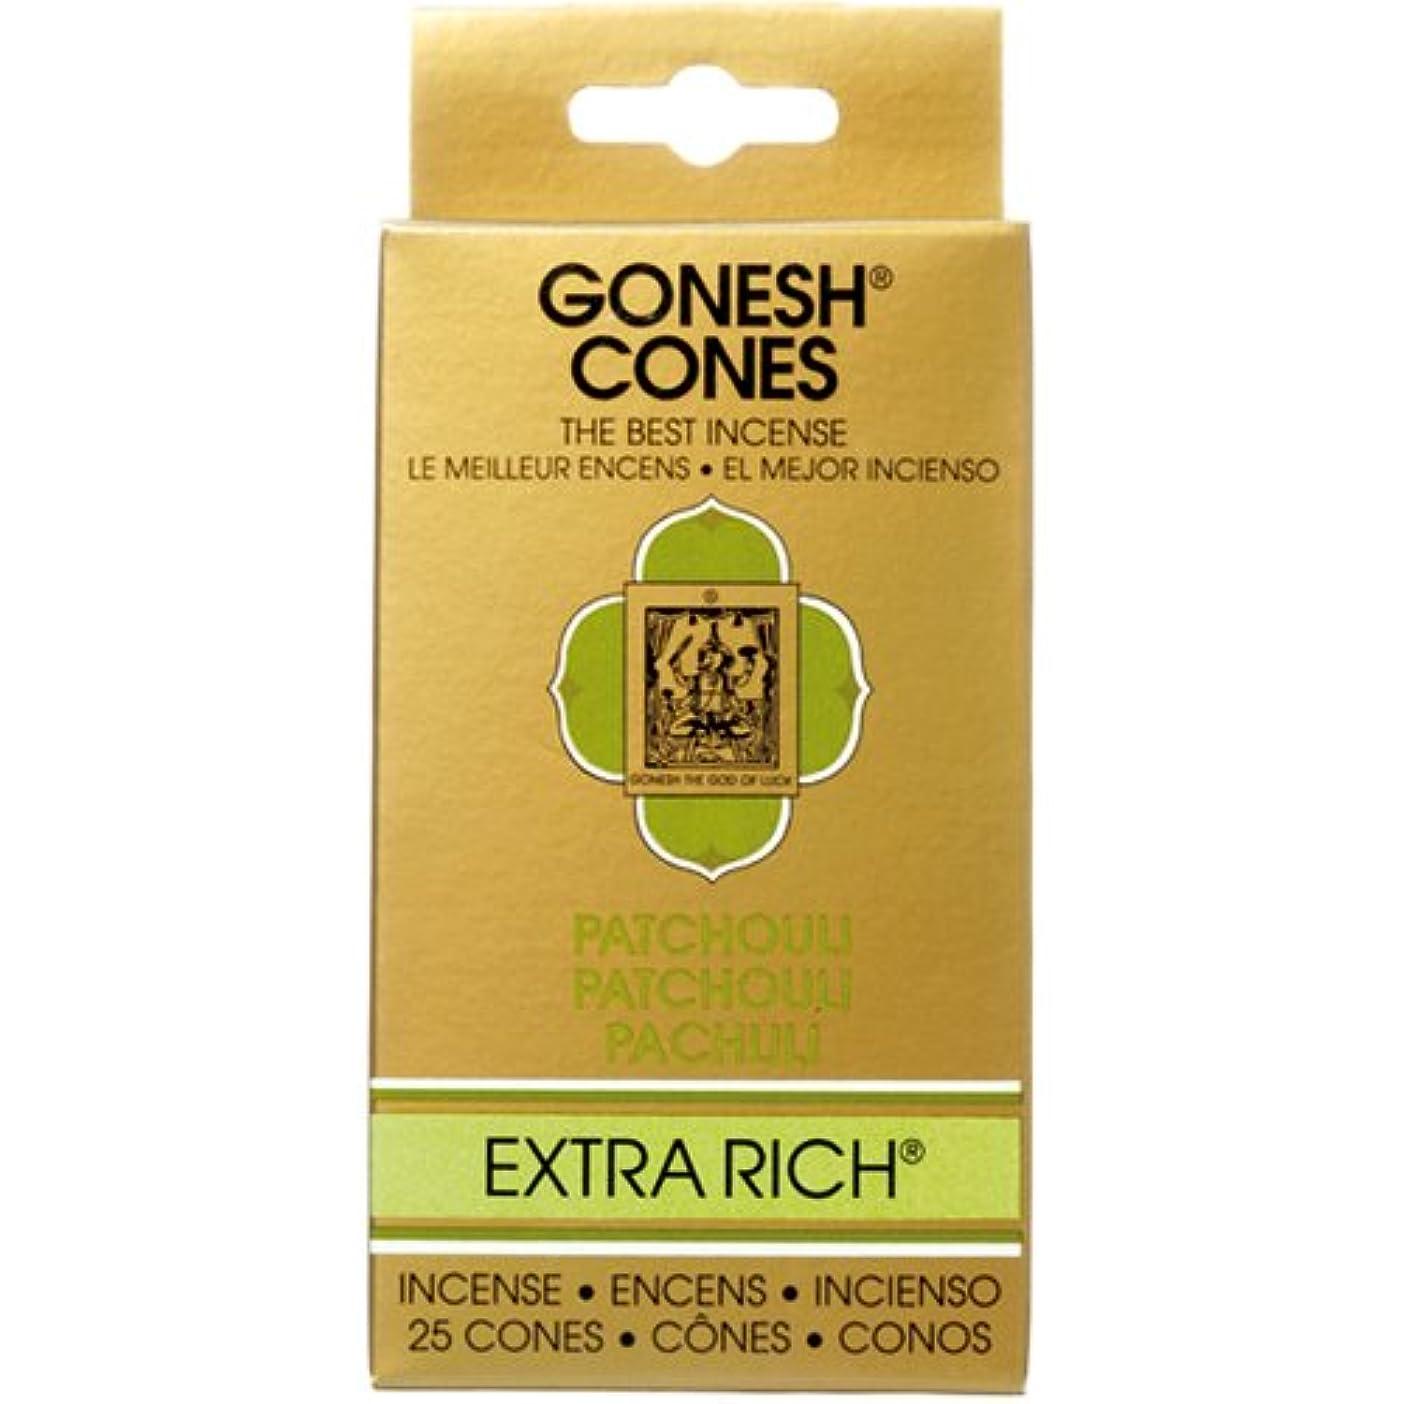 統治可能バクテリアスペアガーネッシュ(GONESH) エクストラリッチ インセンス コーン パチュリ 25個入(お香)